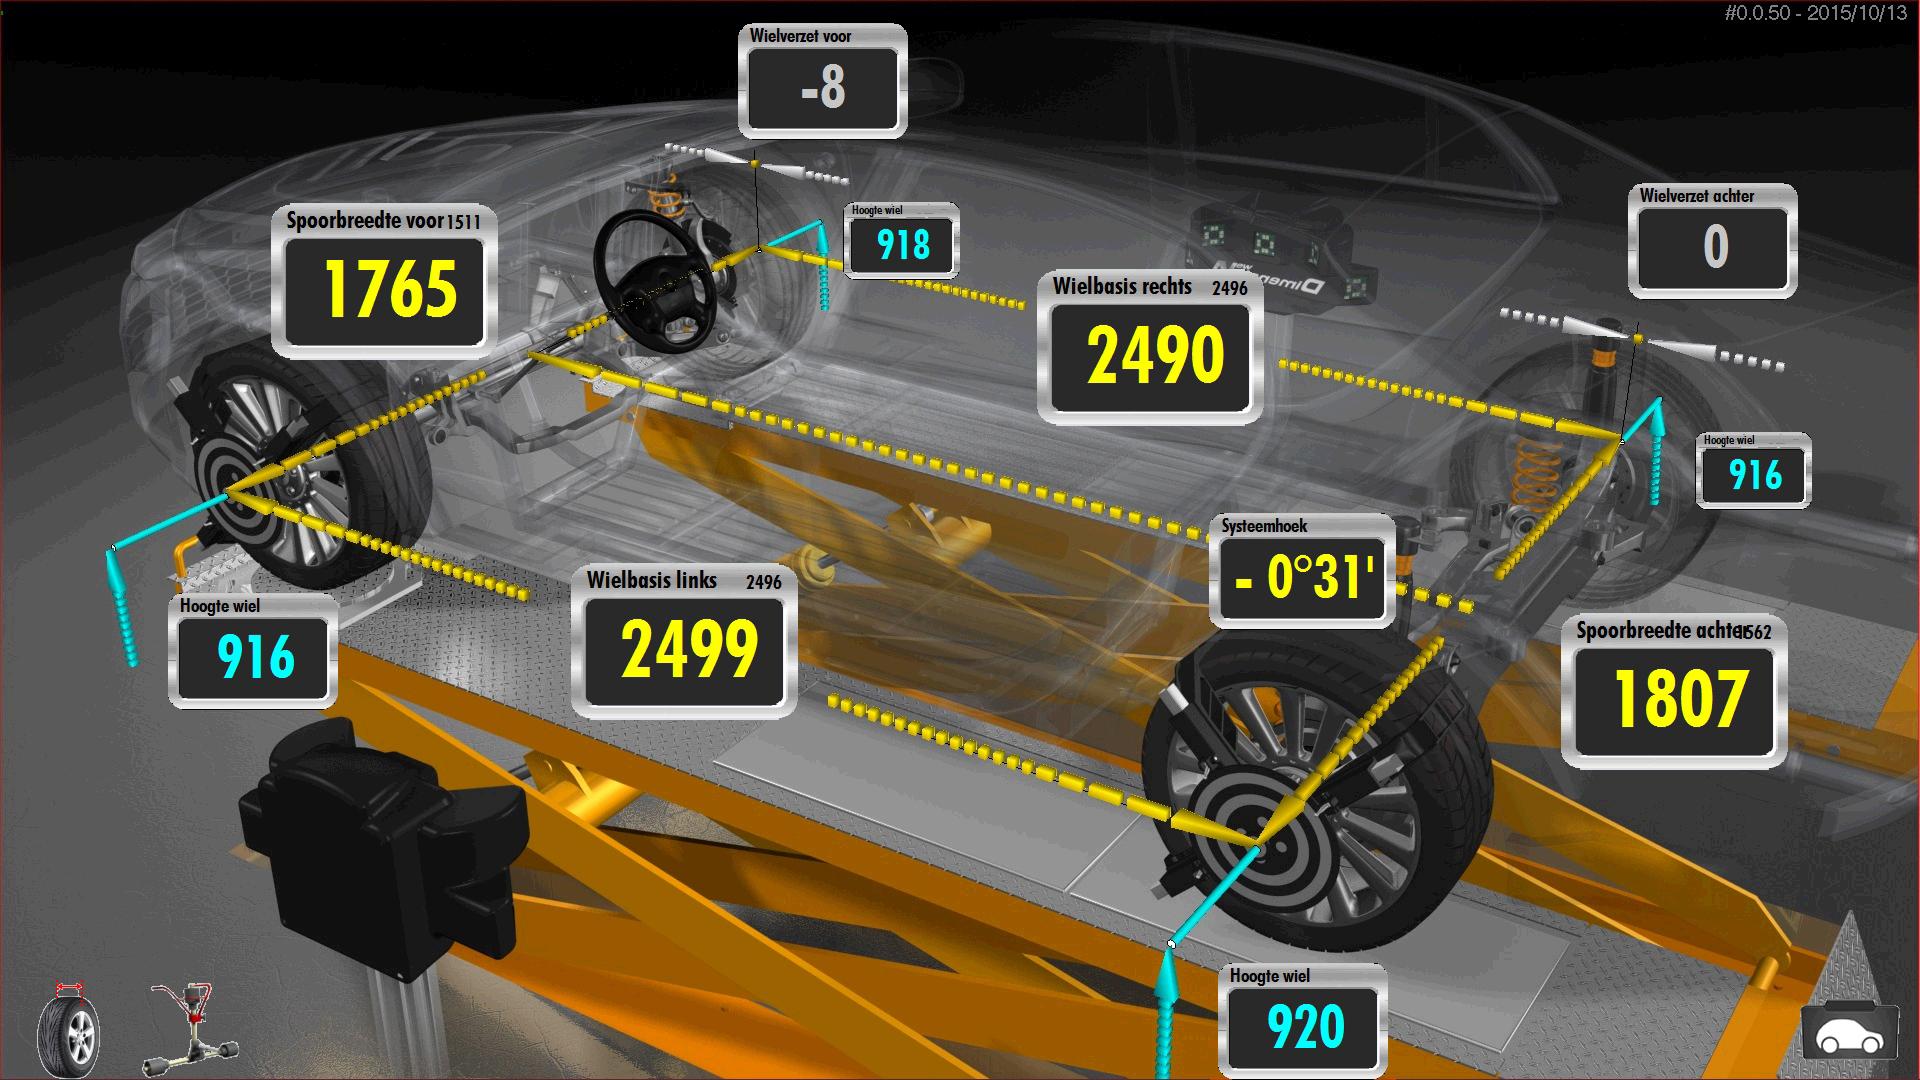 Roland controleert de geometrie van het voertuig. Hoe zit het met de wielbasis links en rechts? Kloppen de spoorbreedtes van beide assen? Een aanrader wanneer de herkomst of het schadeverleden van de auto niet duidelijk is. 3D-uitlijnen doe je ten opzichte van de rijlijn. De systeemhoek mag dus afwijken van nul. Is de hoek erg groot, dan is de basisgeometrie niet in orde en is er wellicht iets misgegaan bij richtwerk tijdens schadeherstel.